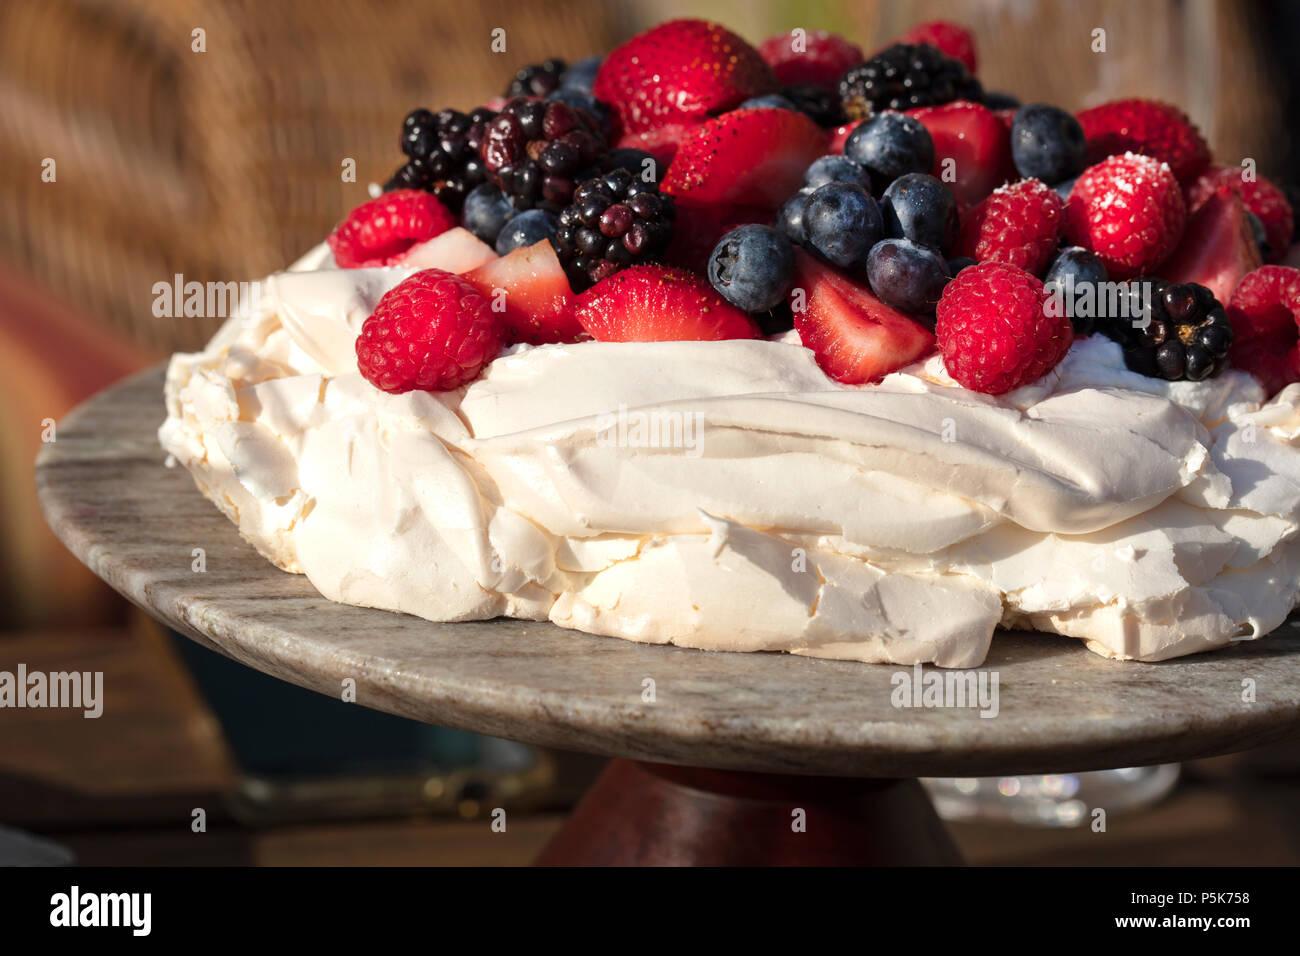 Pavlova Baiser Kuchen Dessert Mit Erdbeeren Brombeeren Himbeeren